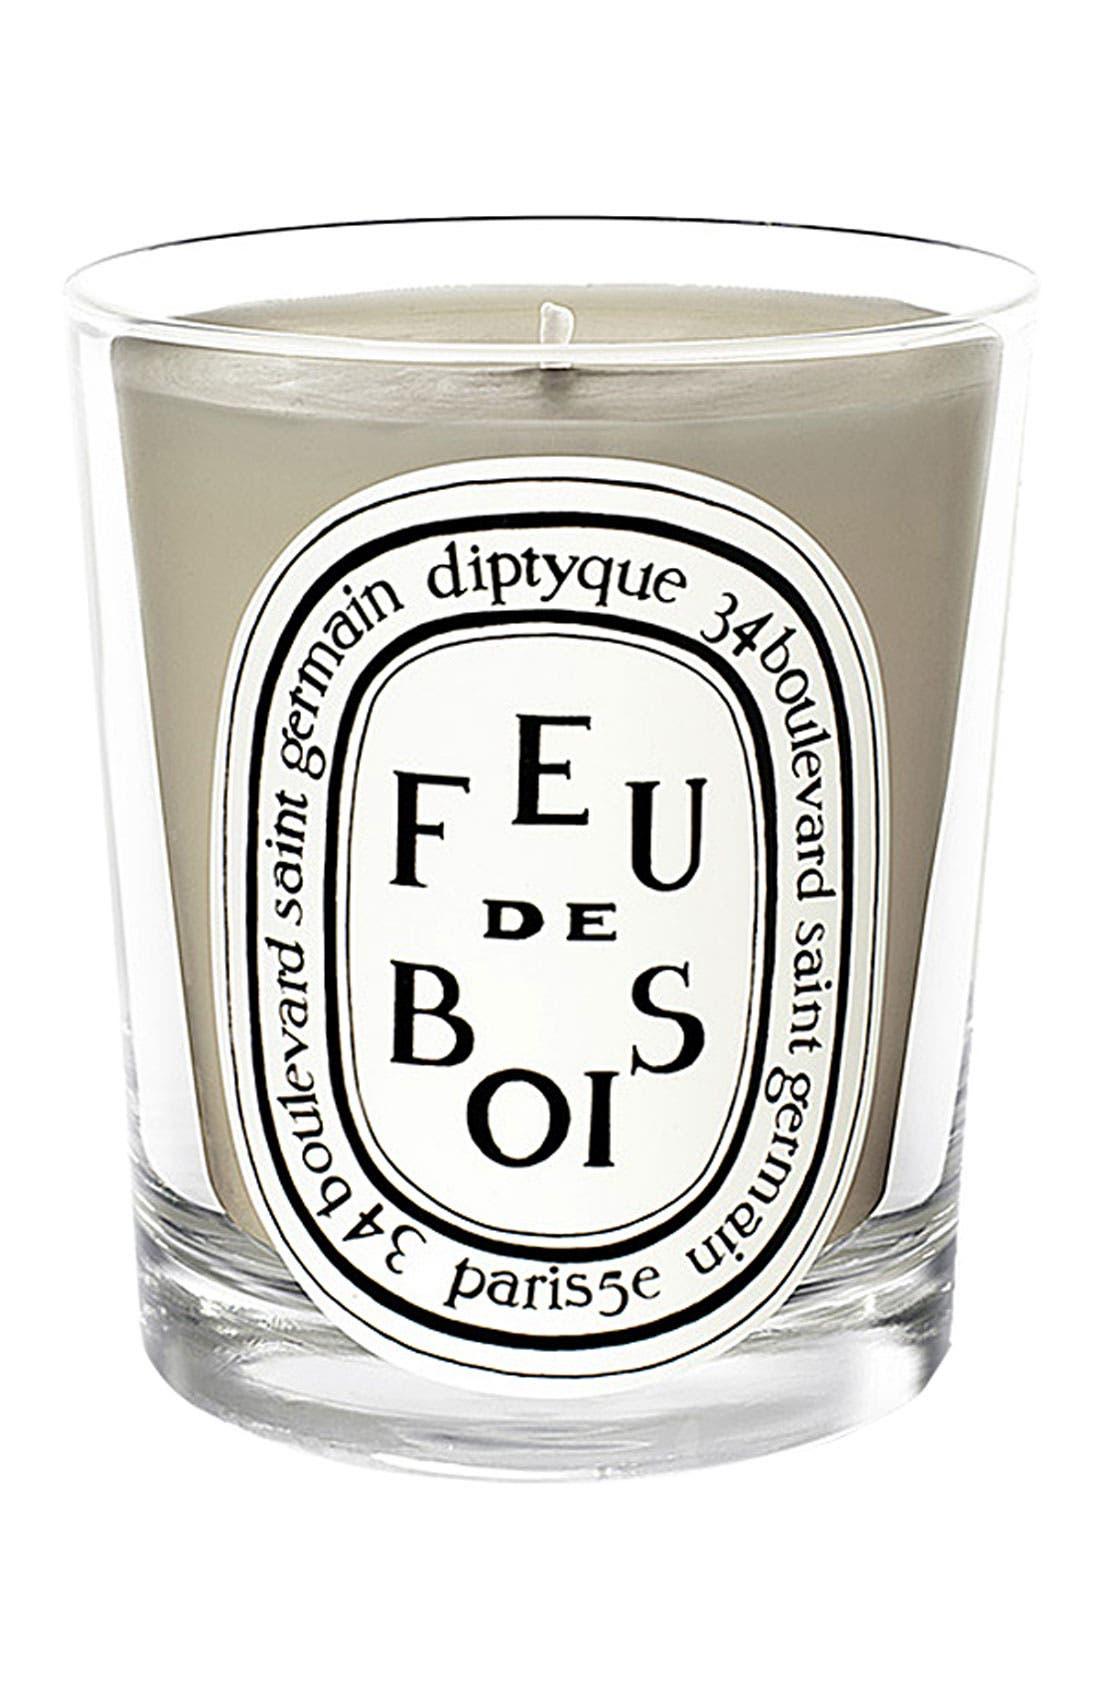 Feu de Bois/Wood Fire Scented Candle,                             Main thumbnail 1, color,                             NO COLOR